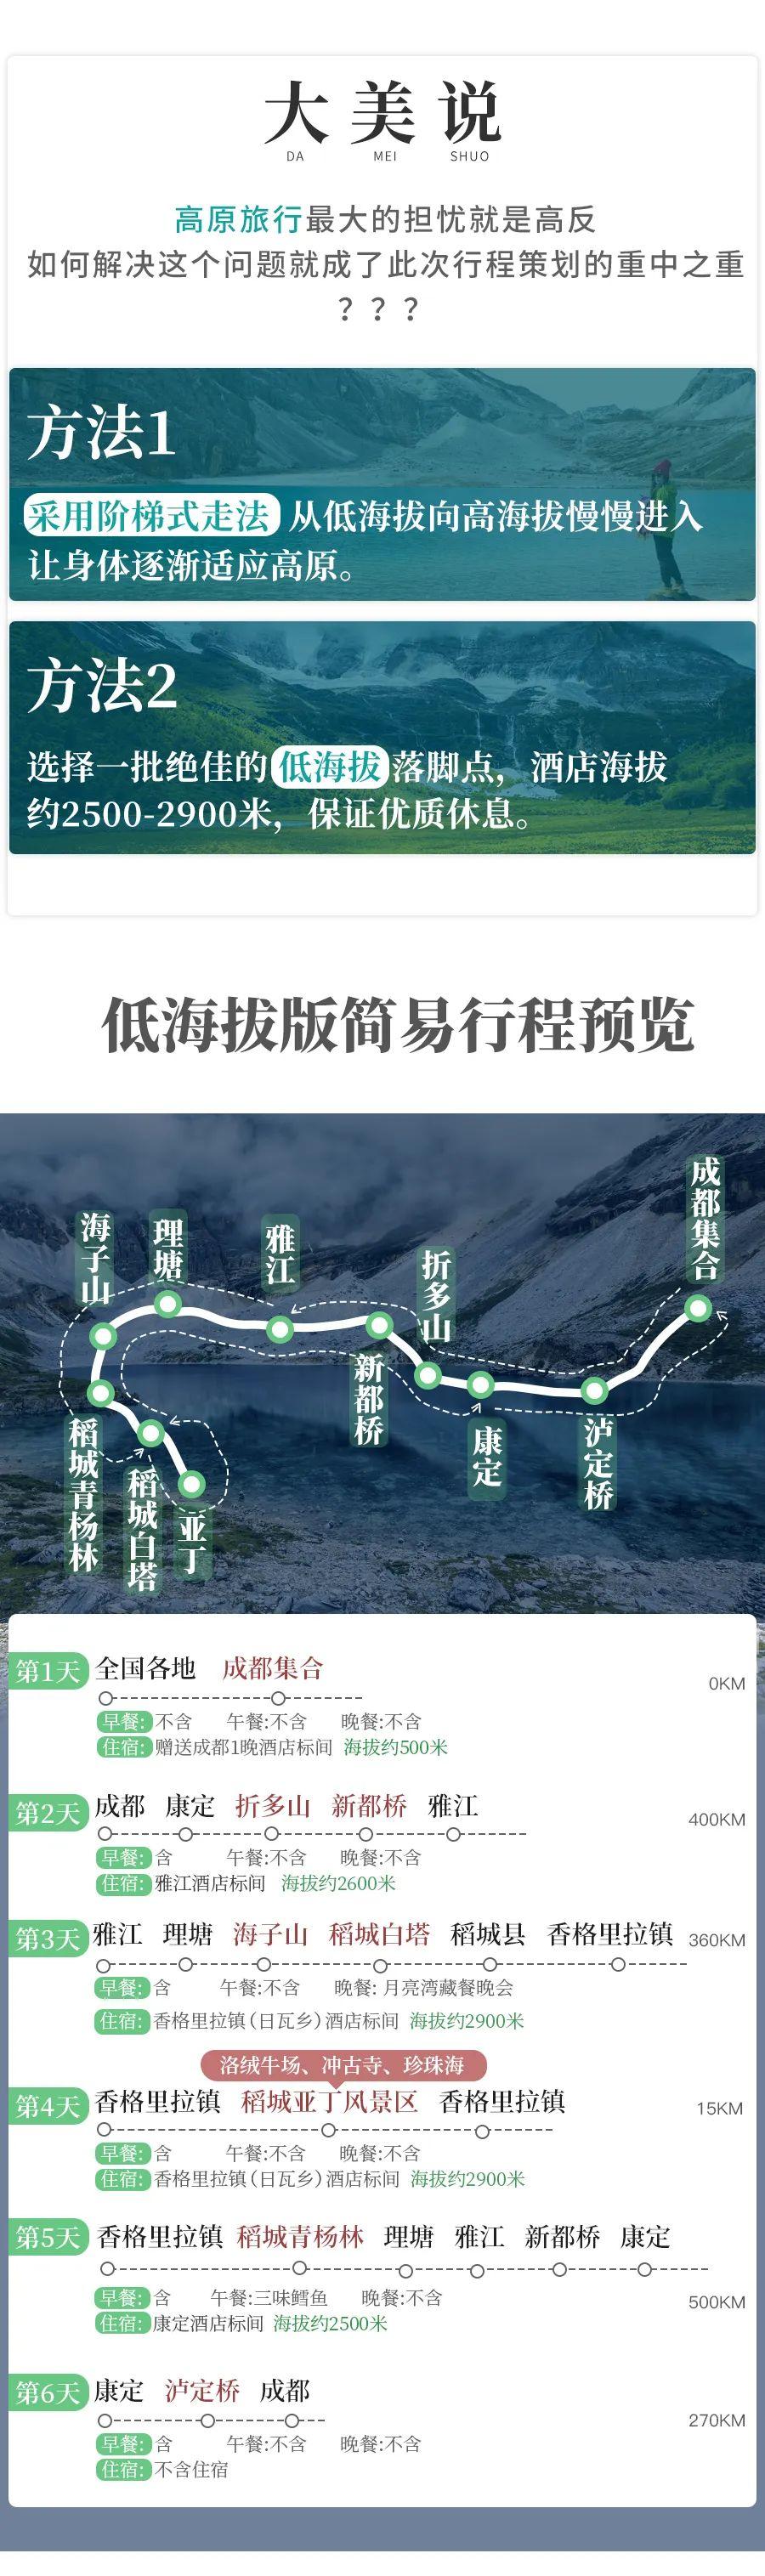 (2)【大美稻亚6日】低海拔版-户外活动图-驼铃网